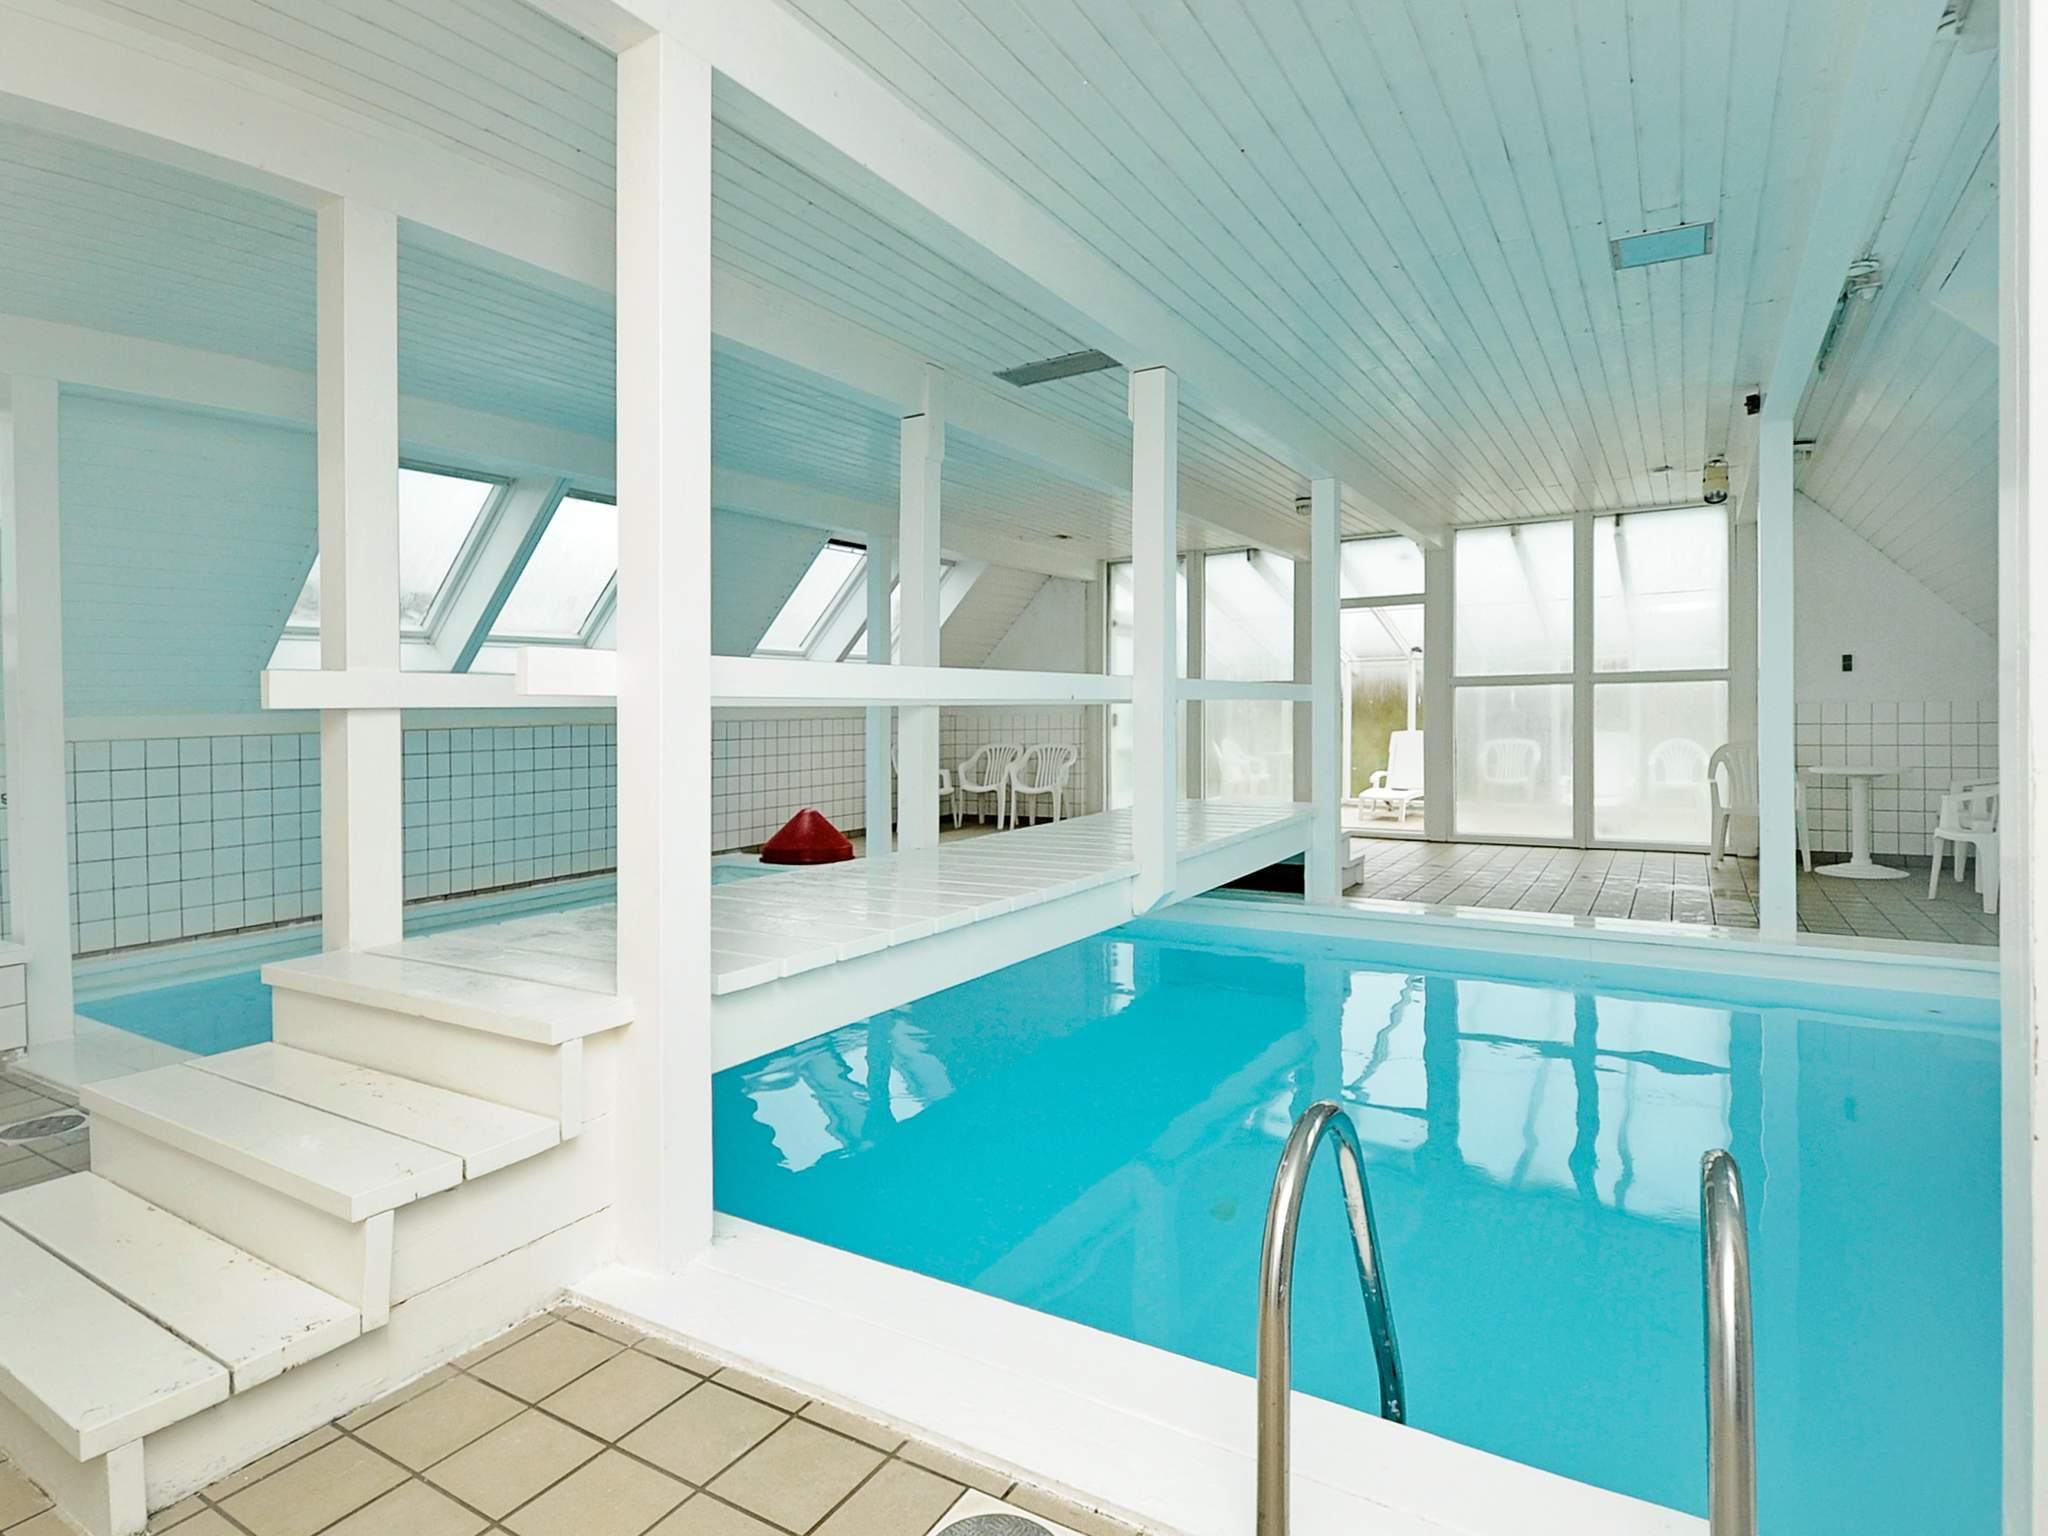 Ferienhaus Fjaltring Ferieby (88880), Fjaltring, , Limfjord, Dänemark, Bild 29